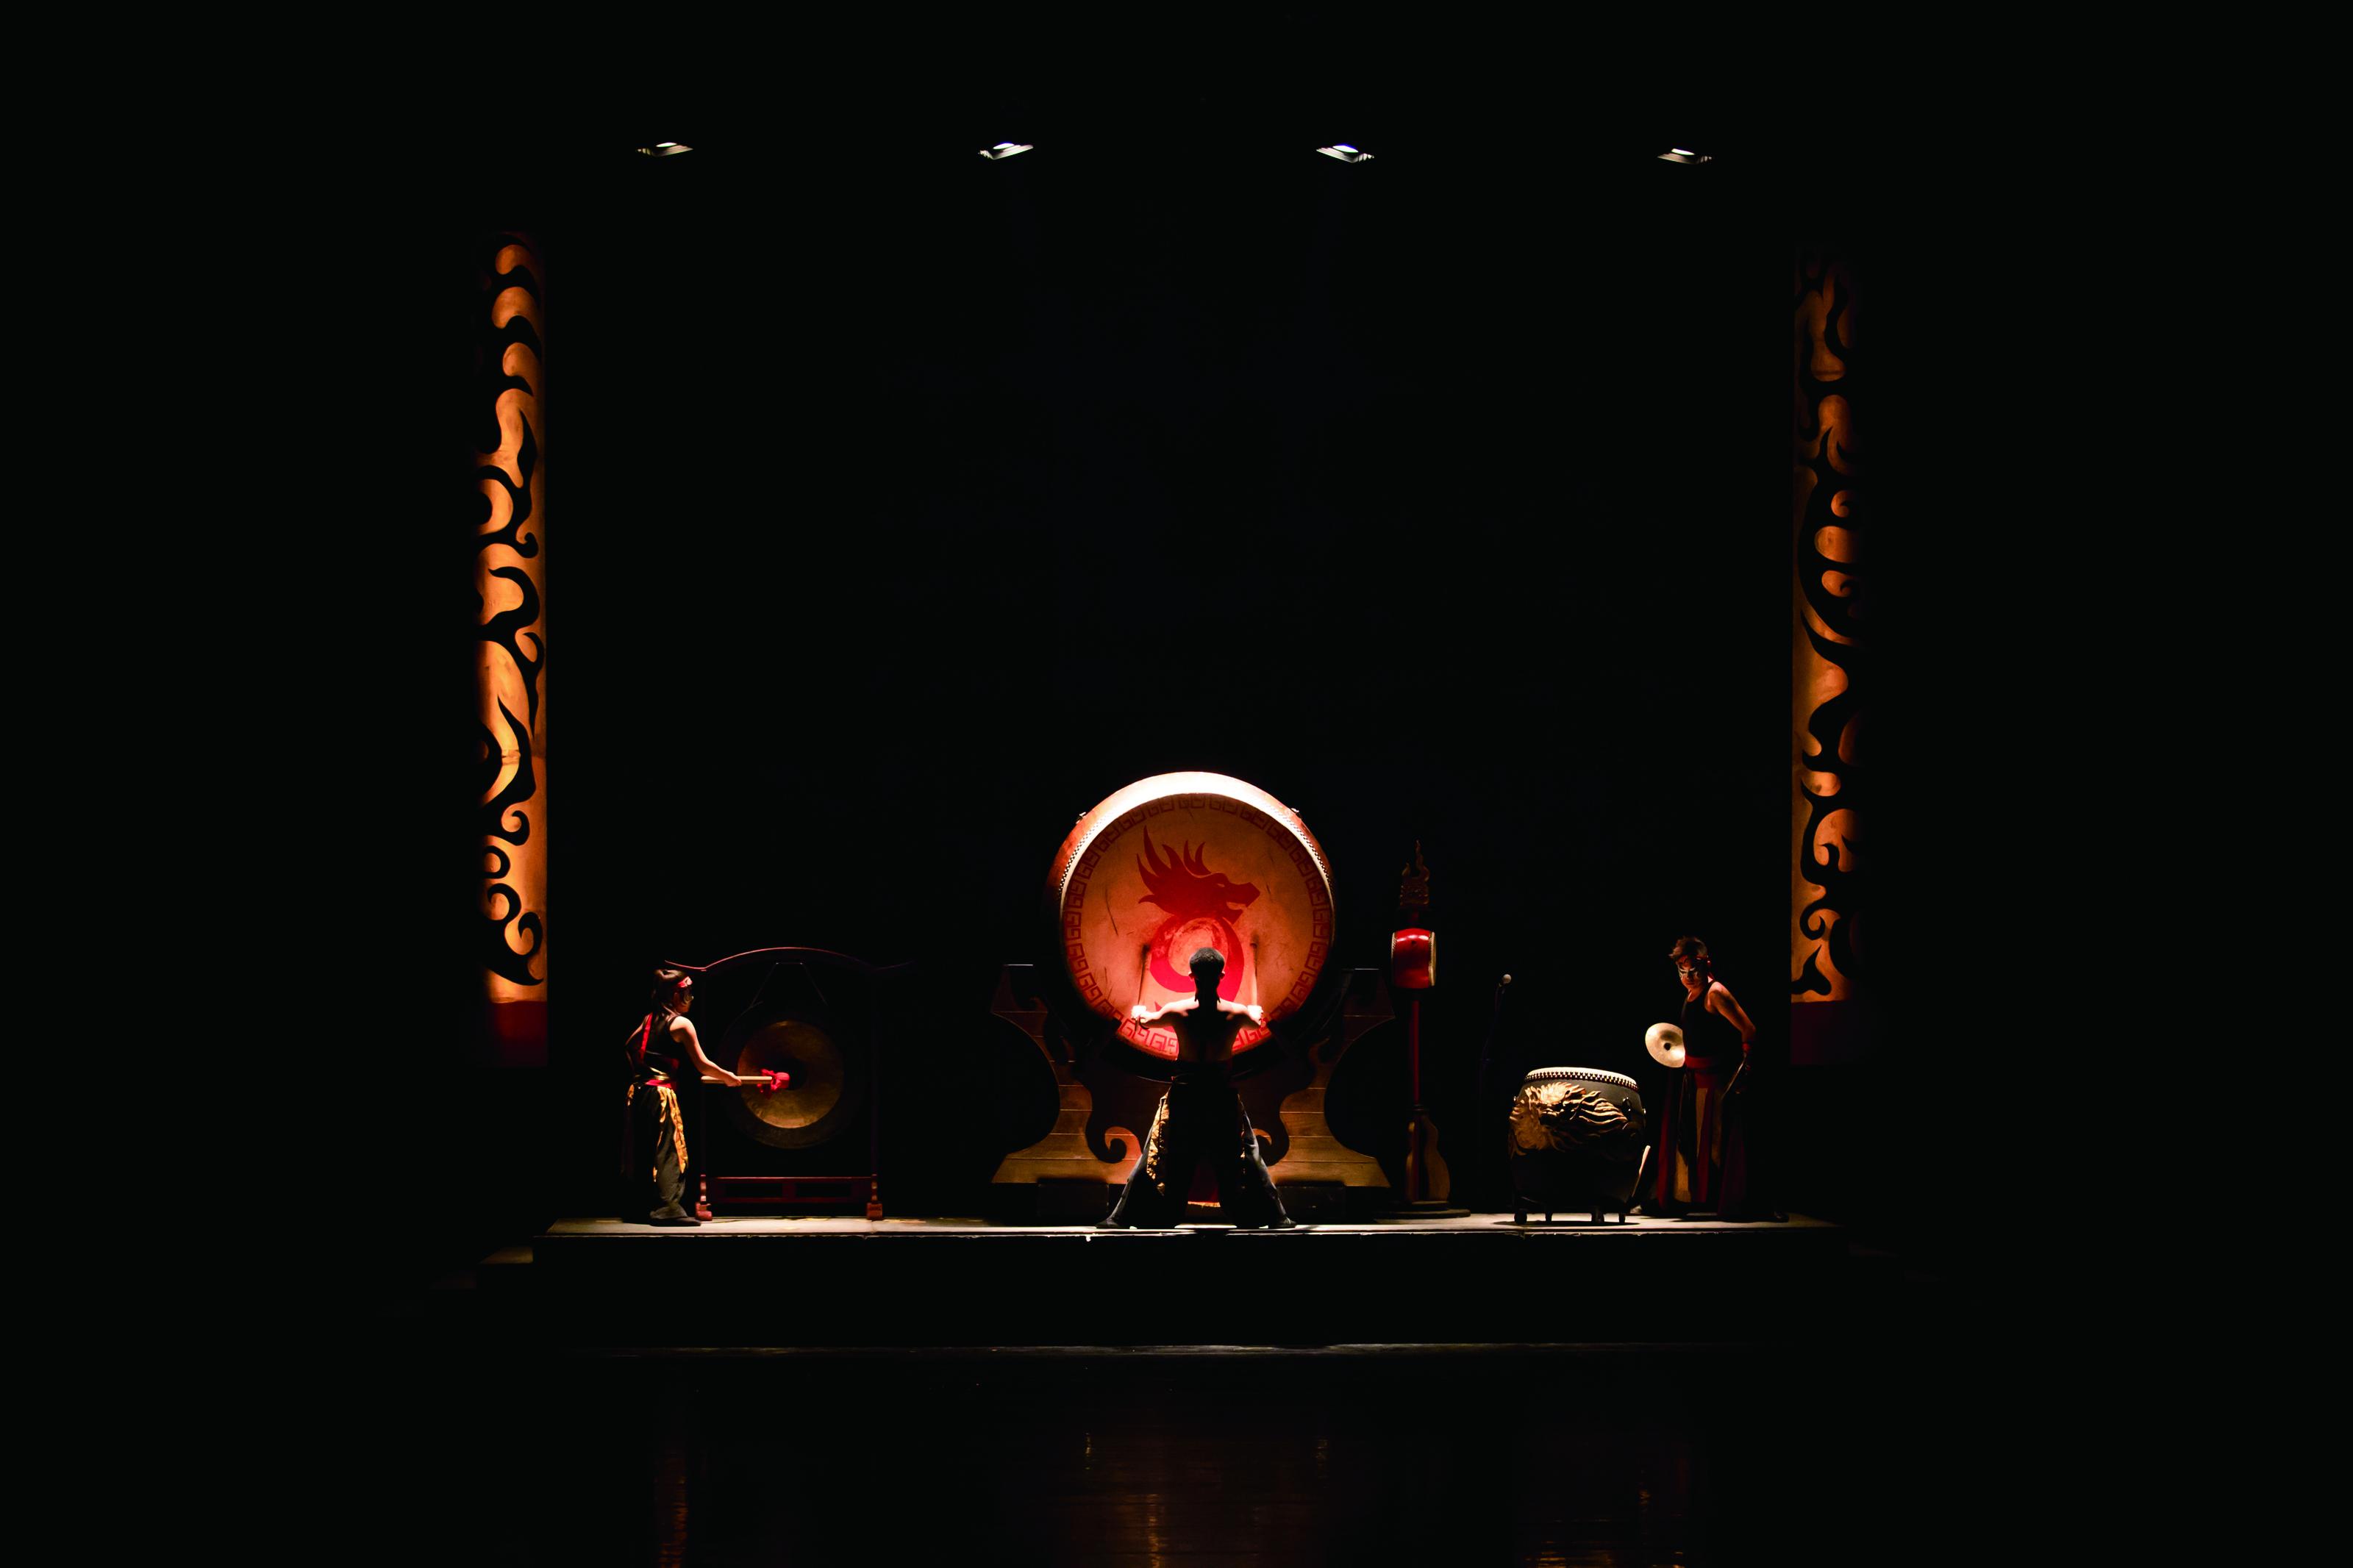 圖5當代劇場的燈光、影像科技,將九天民俗技藝團的傳統陣頭精彩呈現。.jpg